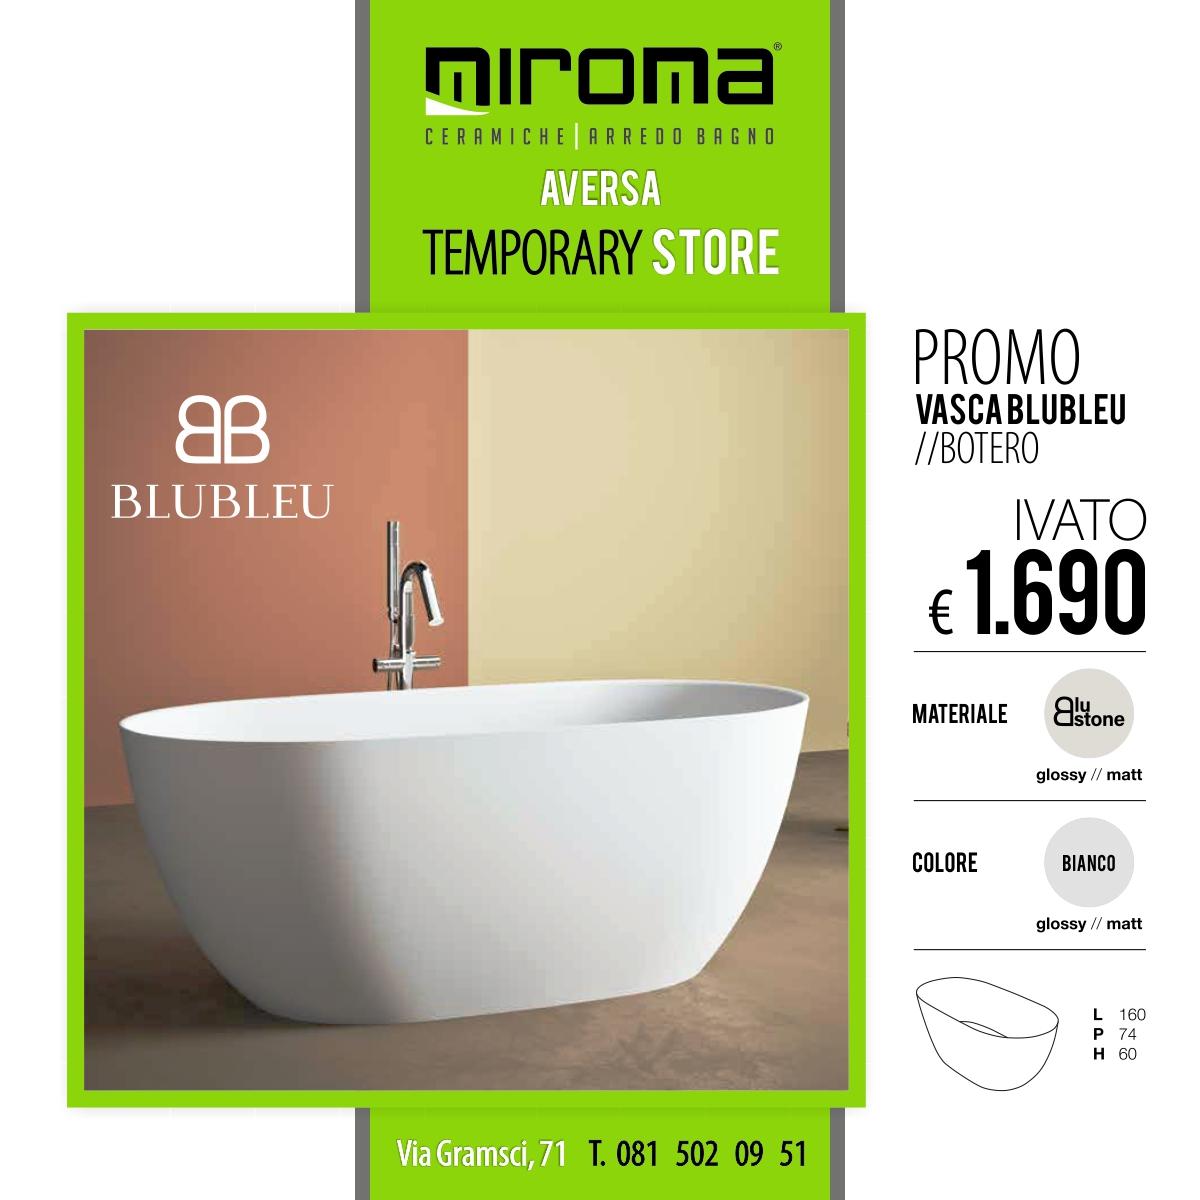 Vasca Da Bagno Blubleu Botero Miroma Ceramiche